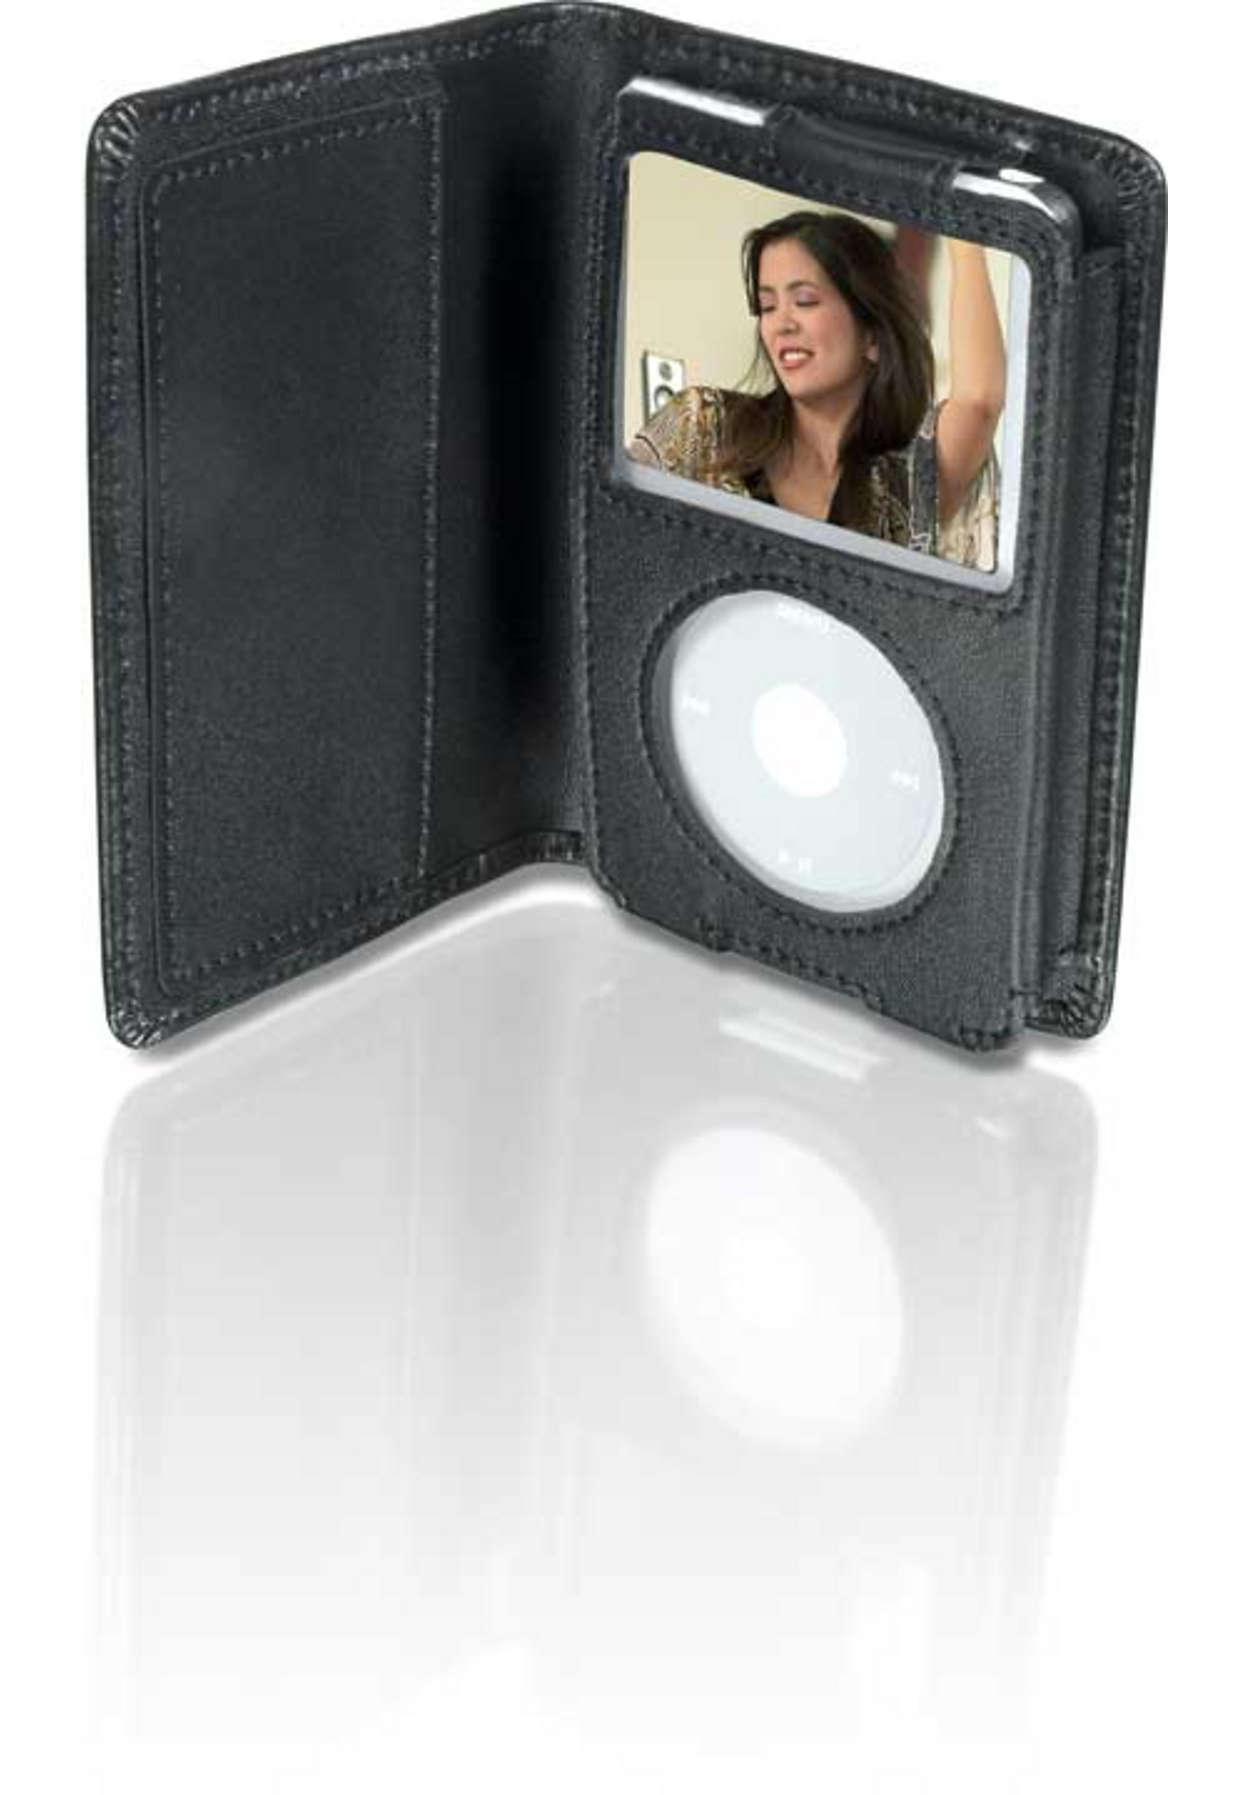 Stijlvolle bescherming voor uw iPod Video